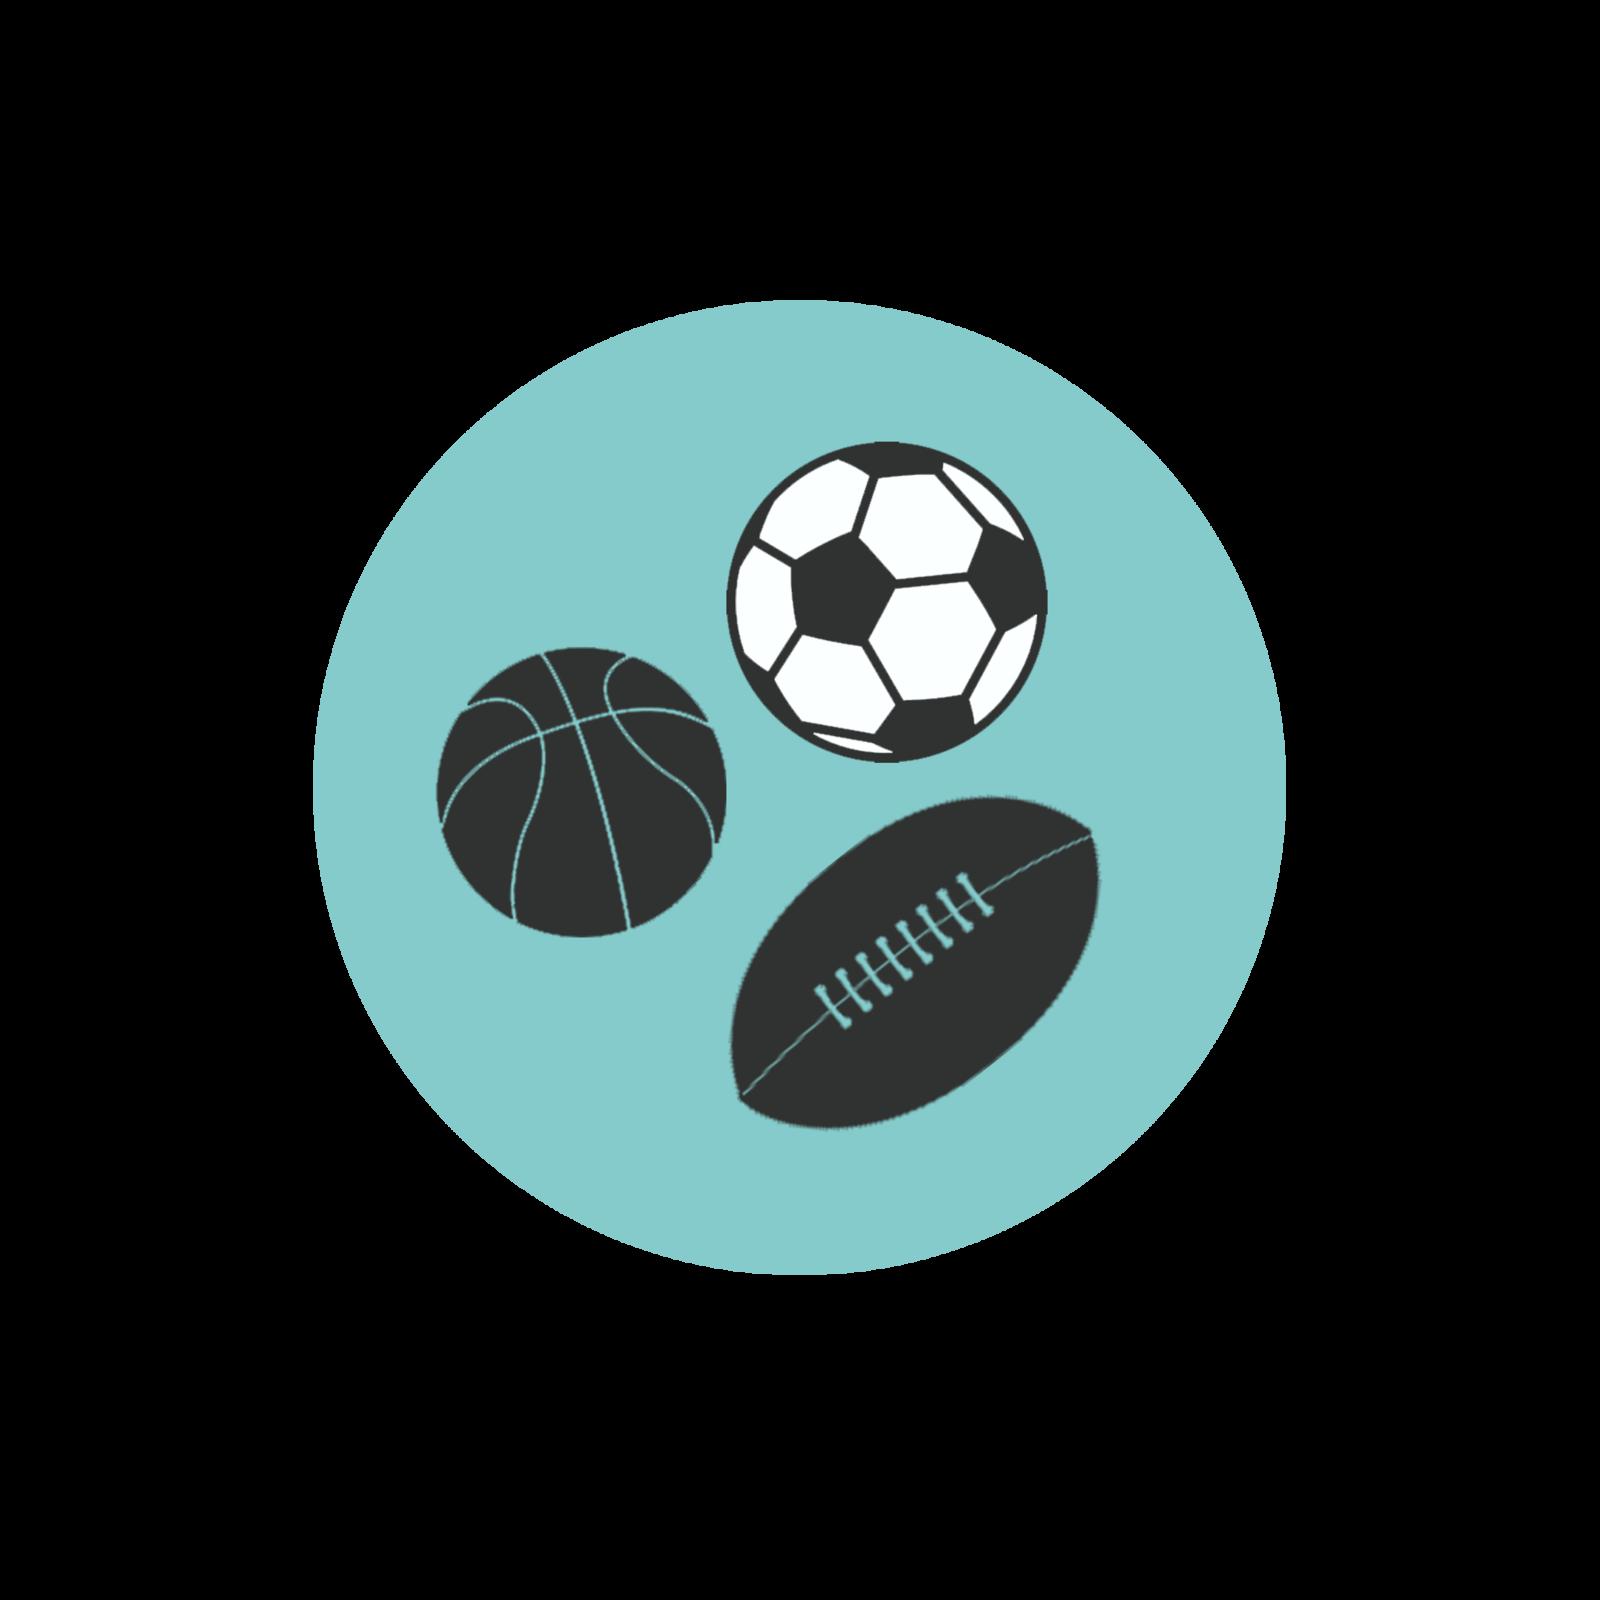 France Football crée le Ballon d'Or féminin et, pour les moins de 21 ans, le Trophée Kopa.